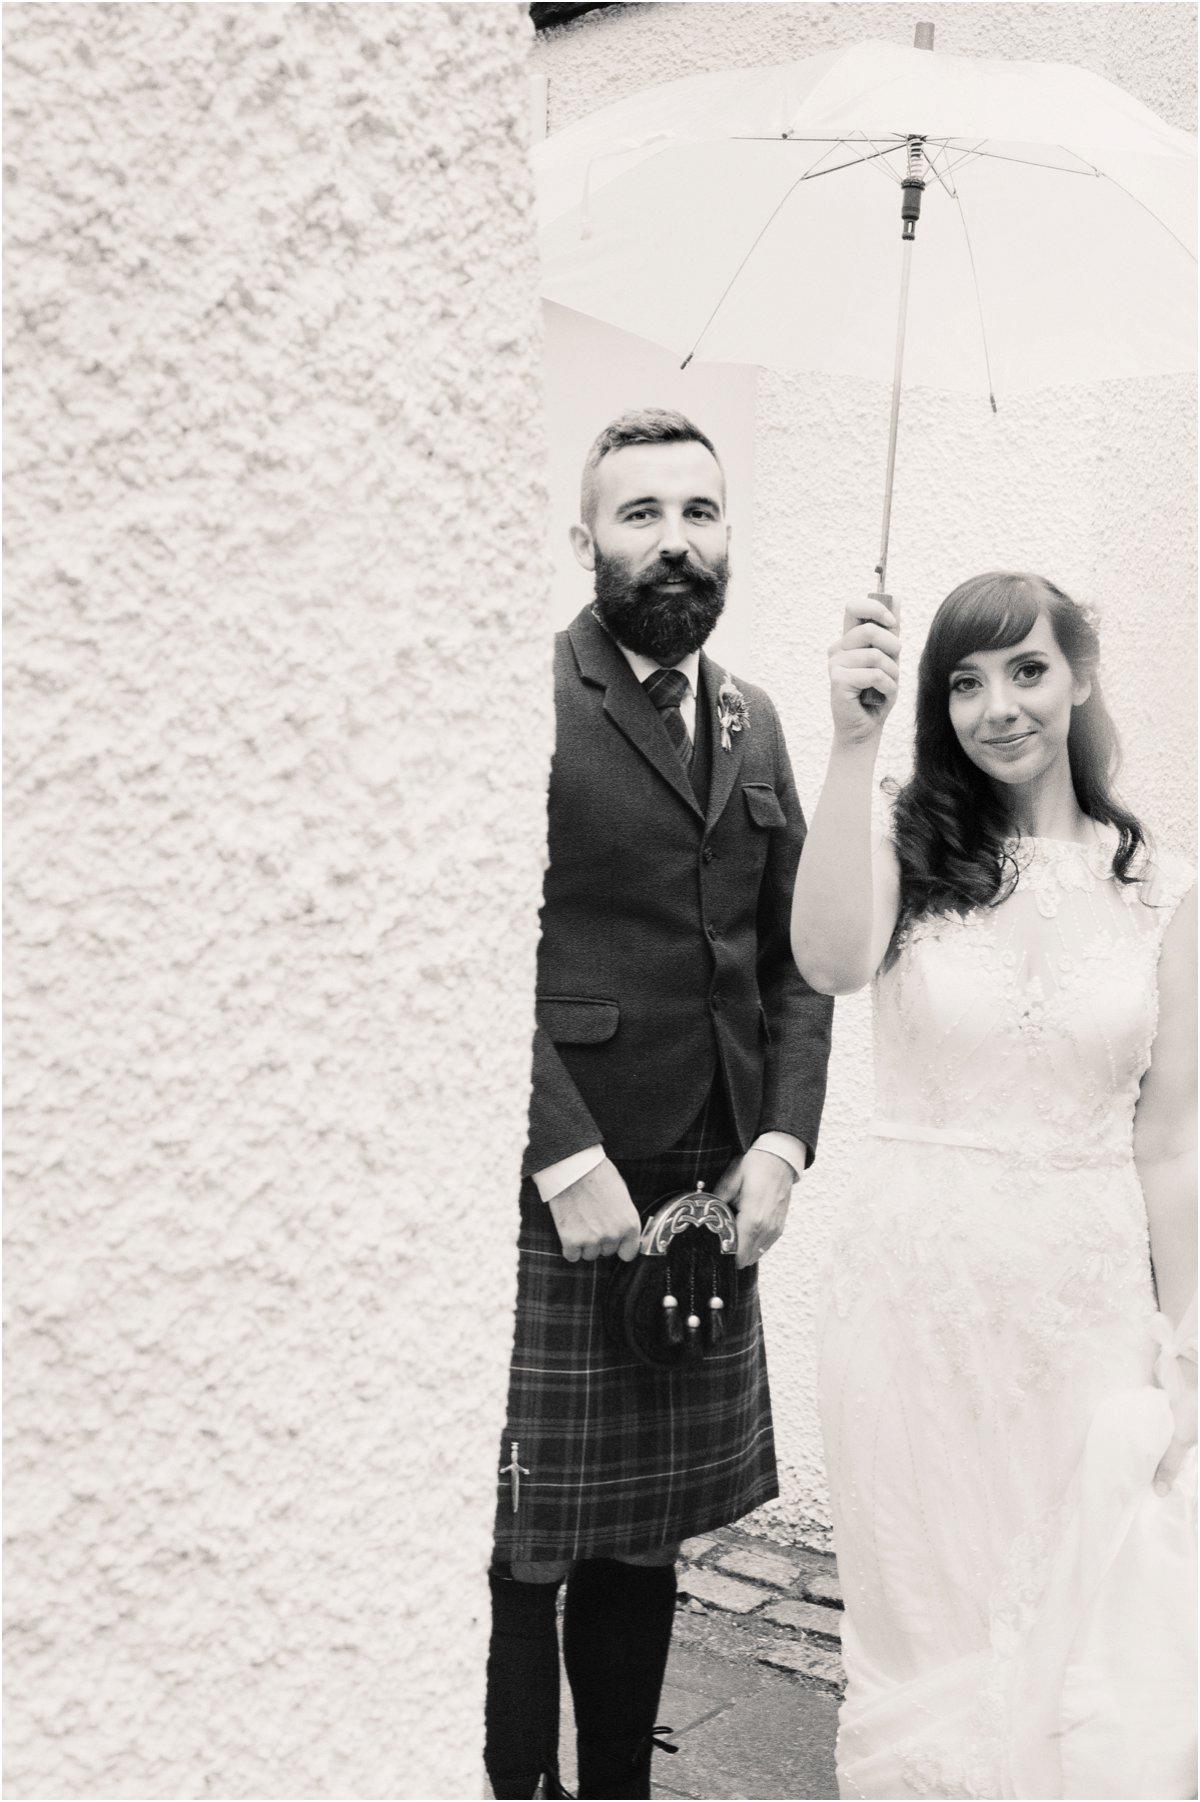 Crofts & Kowalczyk_Edinburgh_Yvonne & Ben-43.jpg